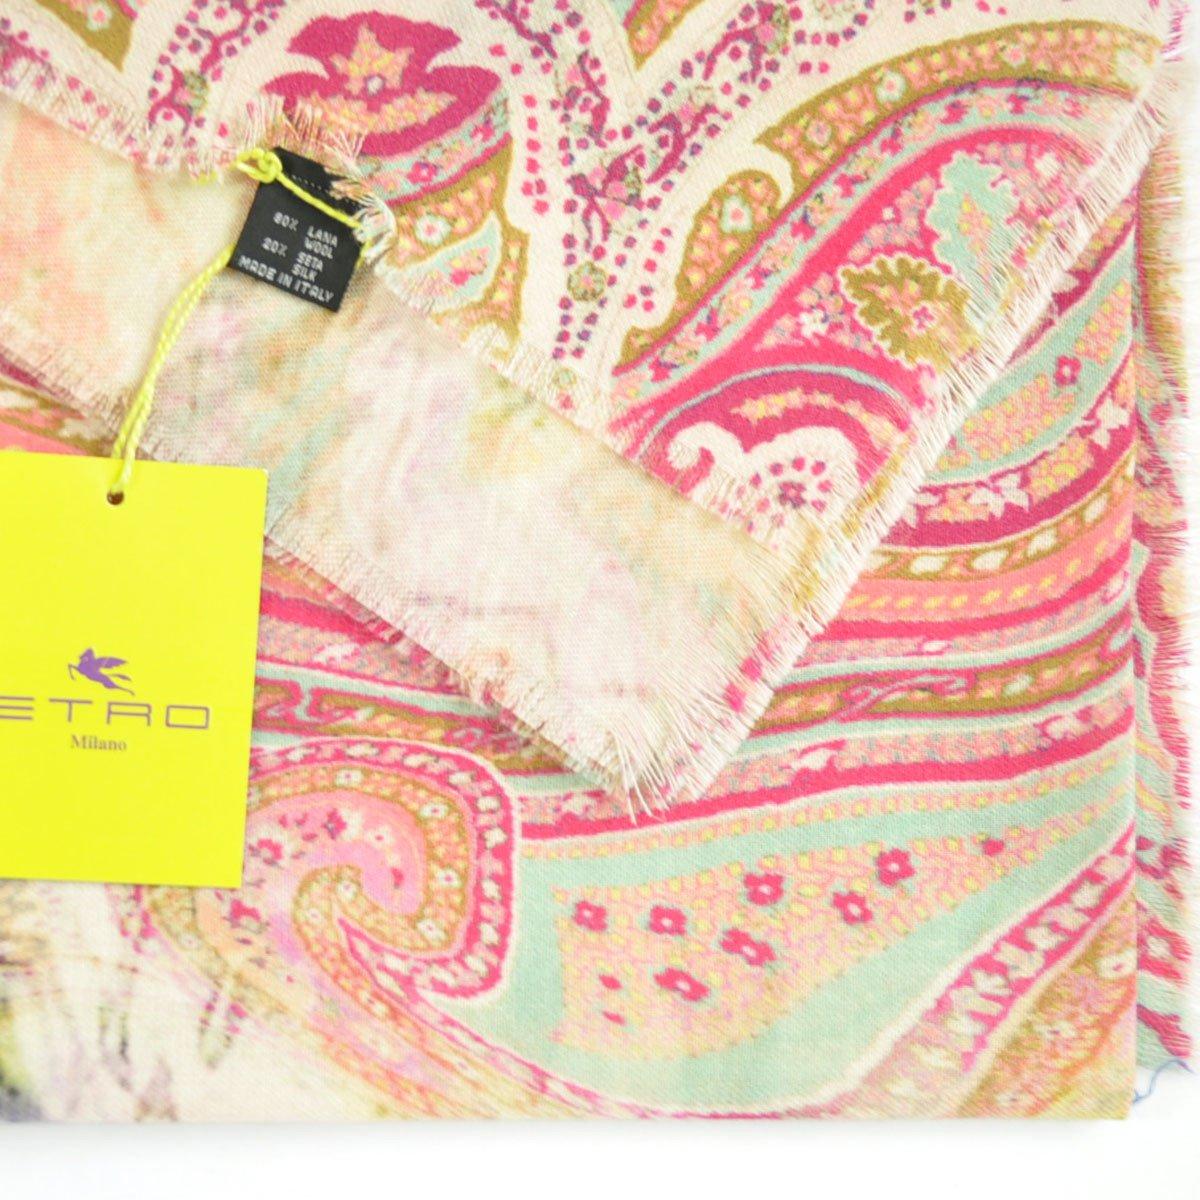 Etro Scarf | Etro Paisley Shirt | Etro Clothes